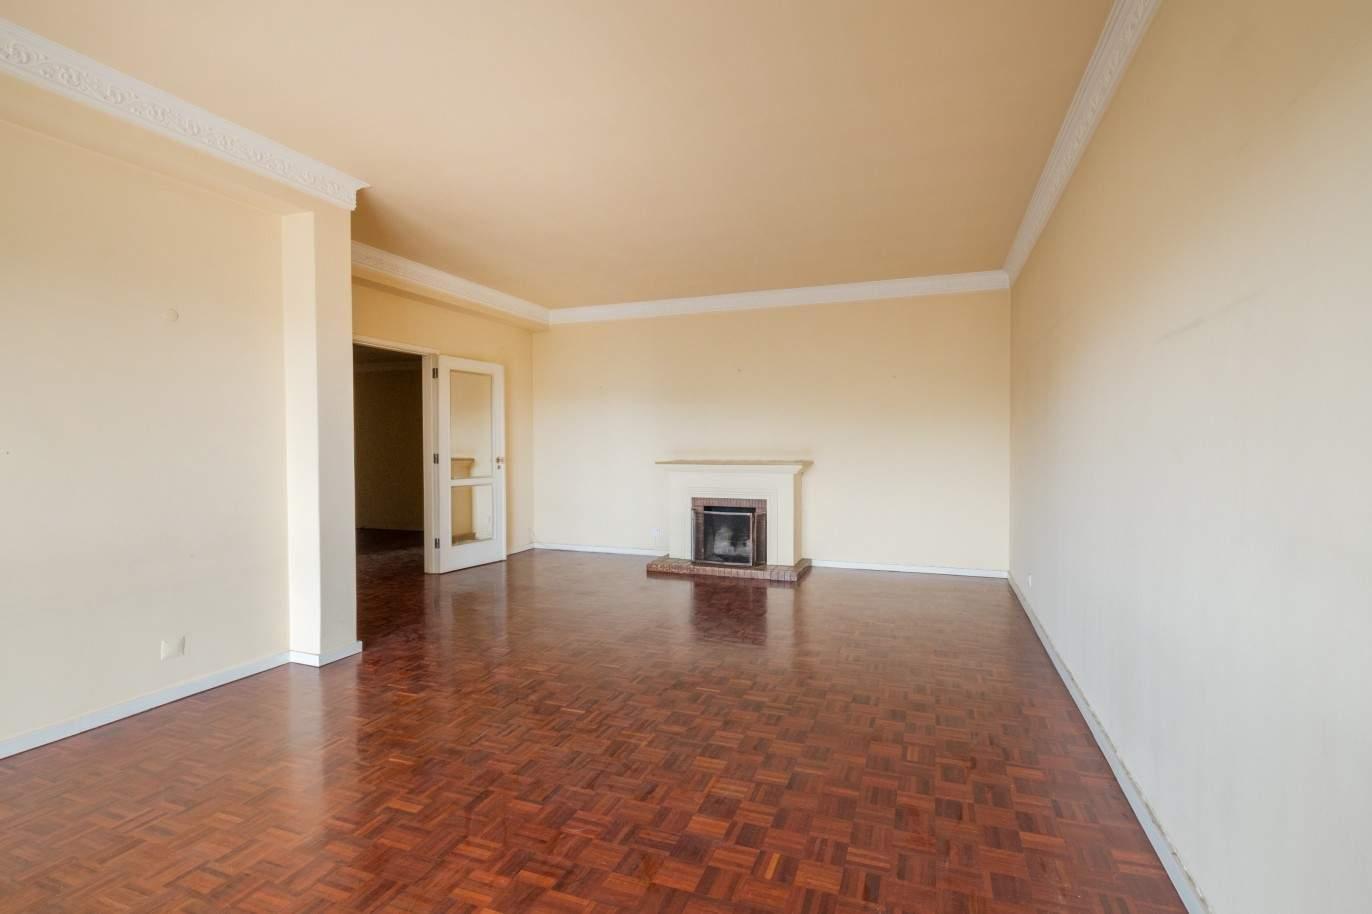 apartment-with-balcony-for-sale-boavista-porto-portugal